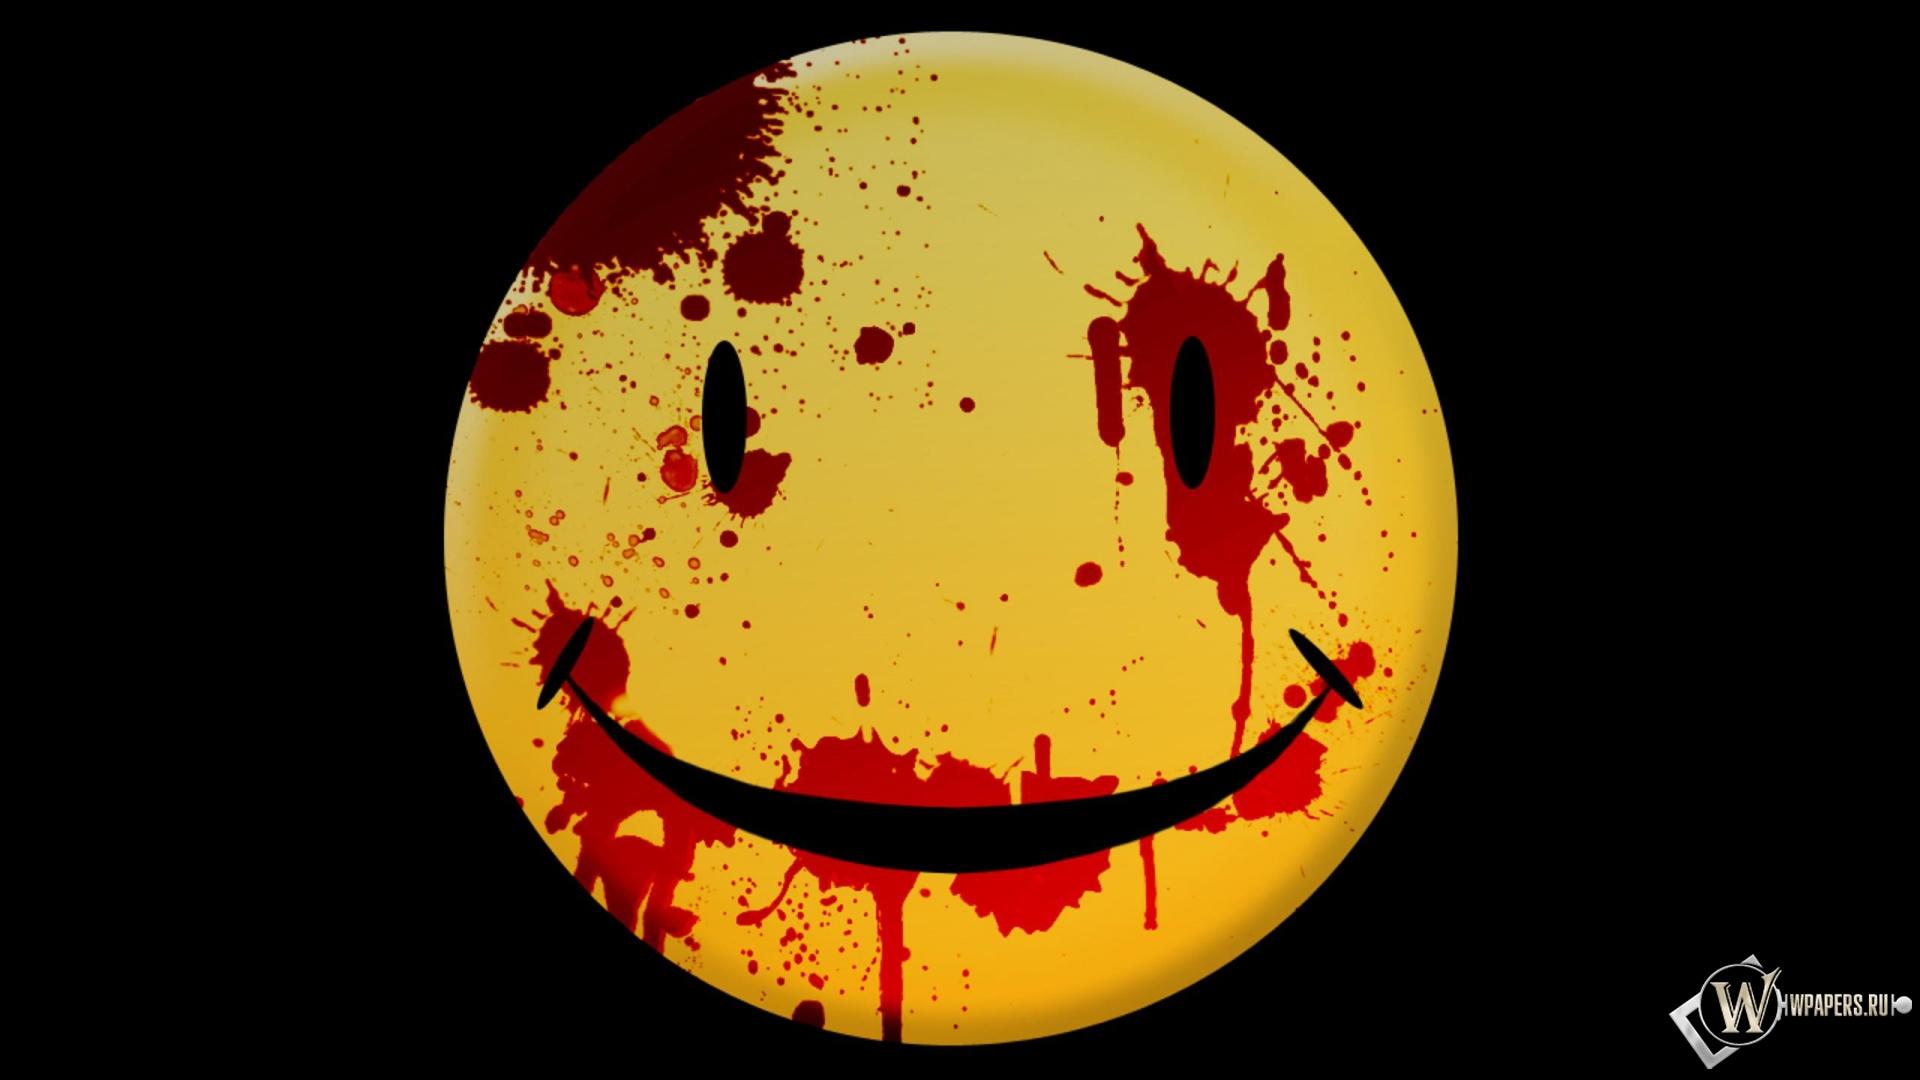 ... Кровь, Смайлик, Желтый, 1920x1080, картинки: wpapers.ru/wallpapers/3d/Rendering/5993/1920-1080_Кровавый...